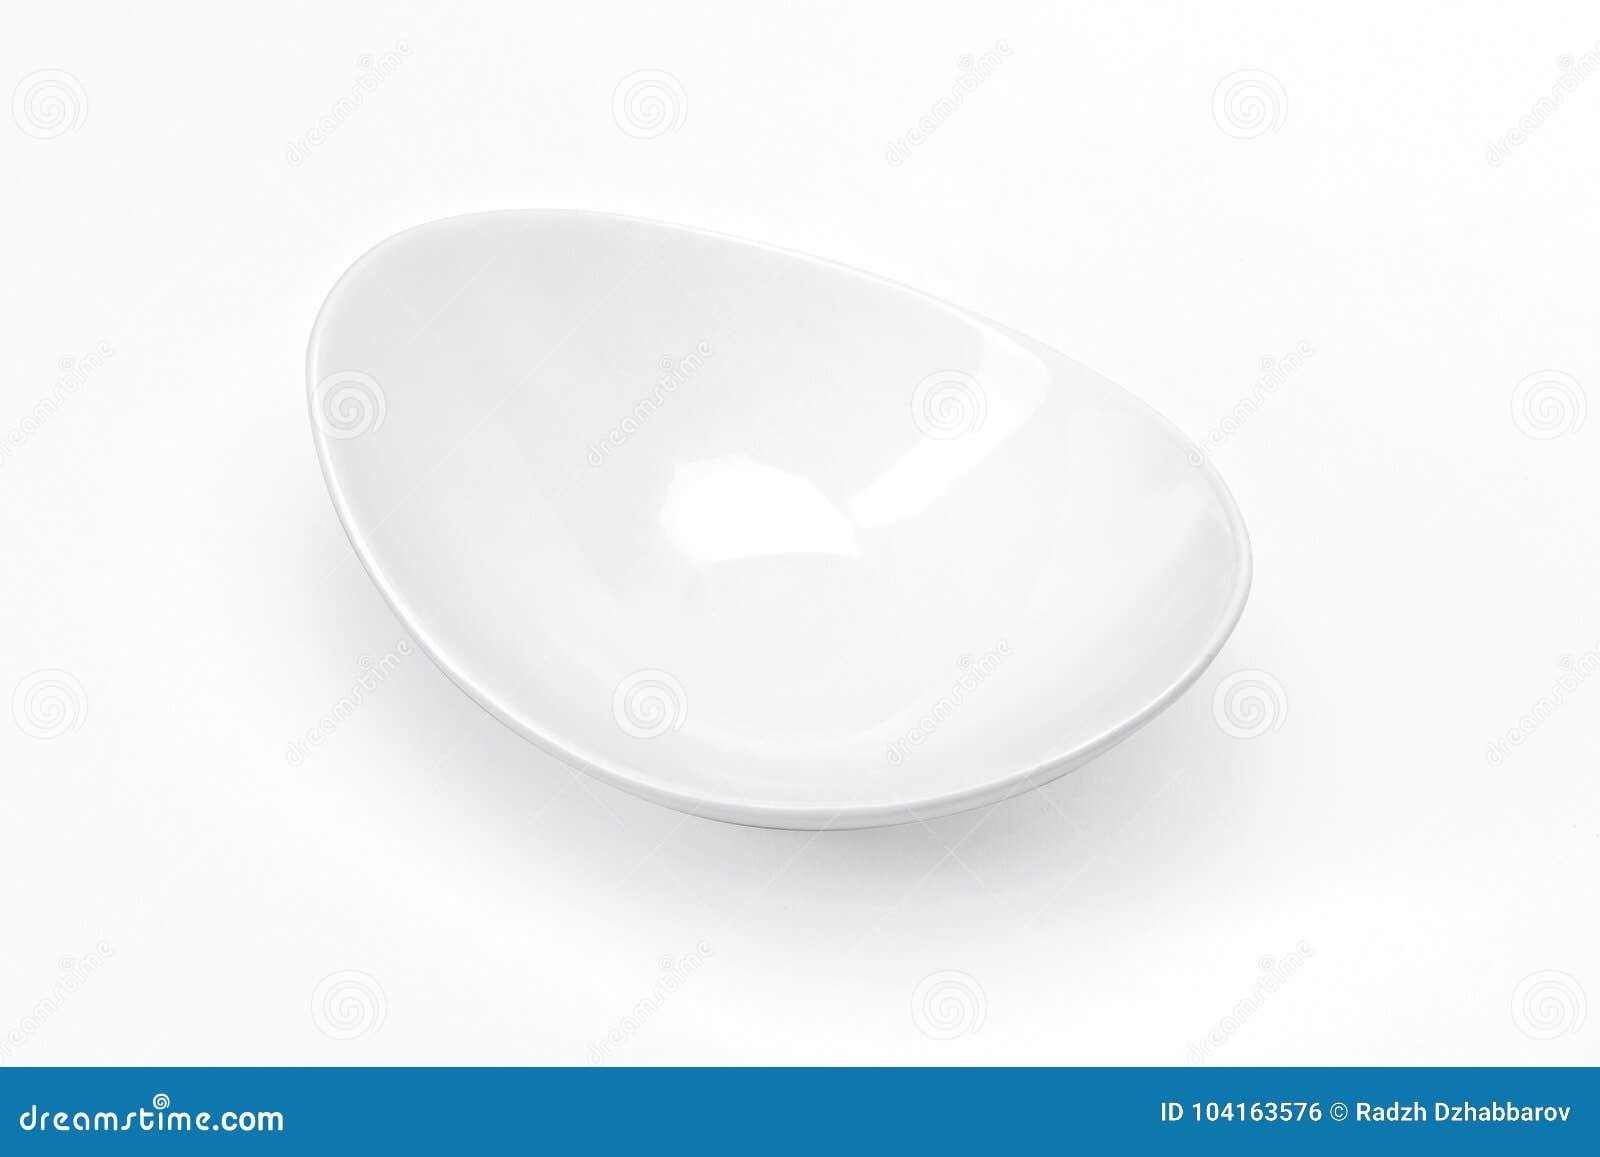 Utensílios de mesa vazios para seu projeto, bacia cerâmica branca da porcelana do molde para o fundo do branco dos molhos